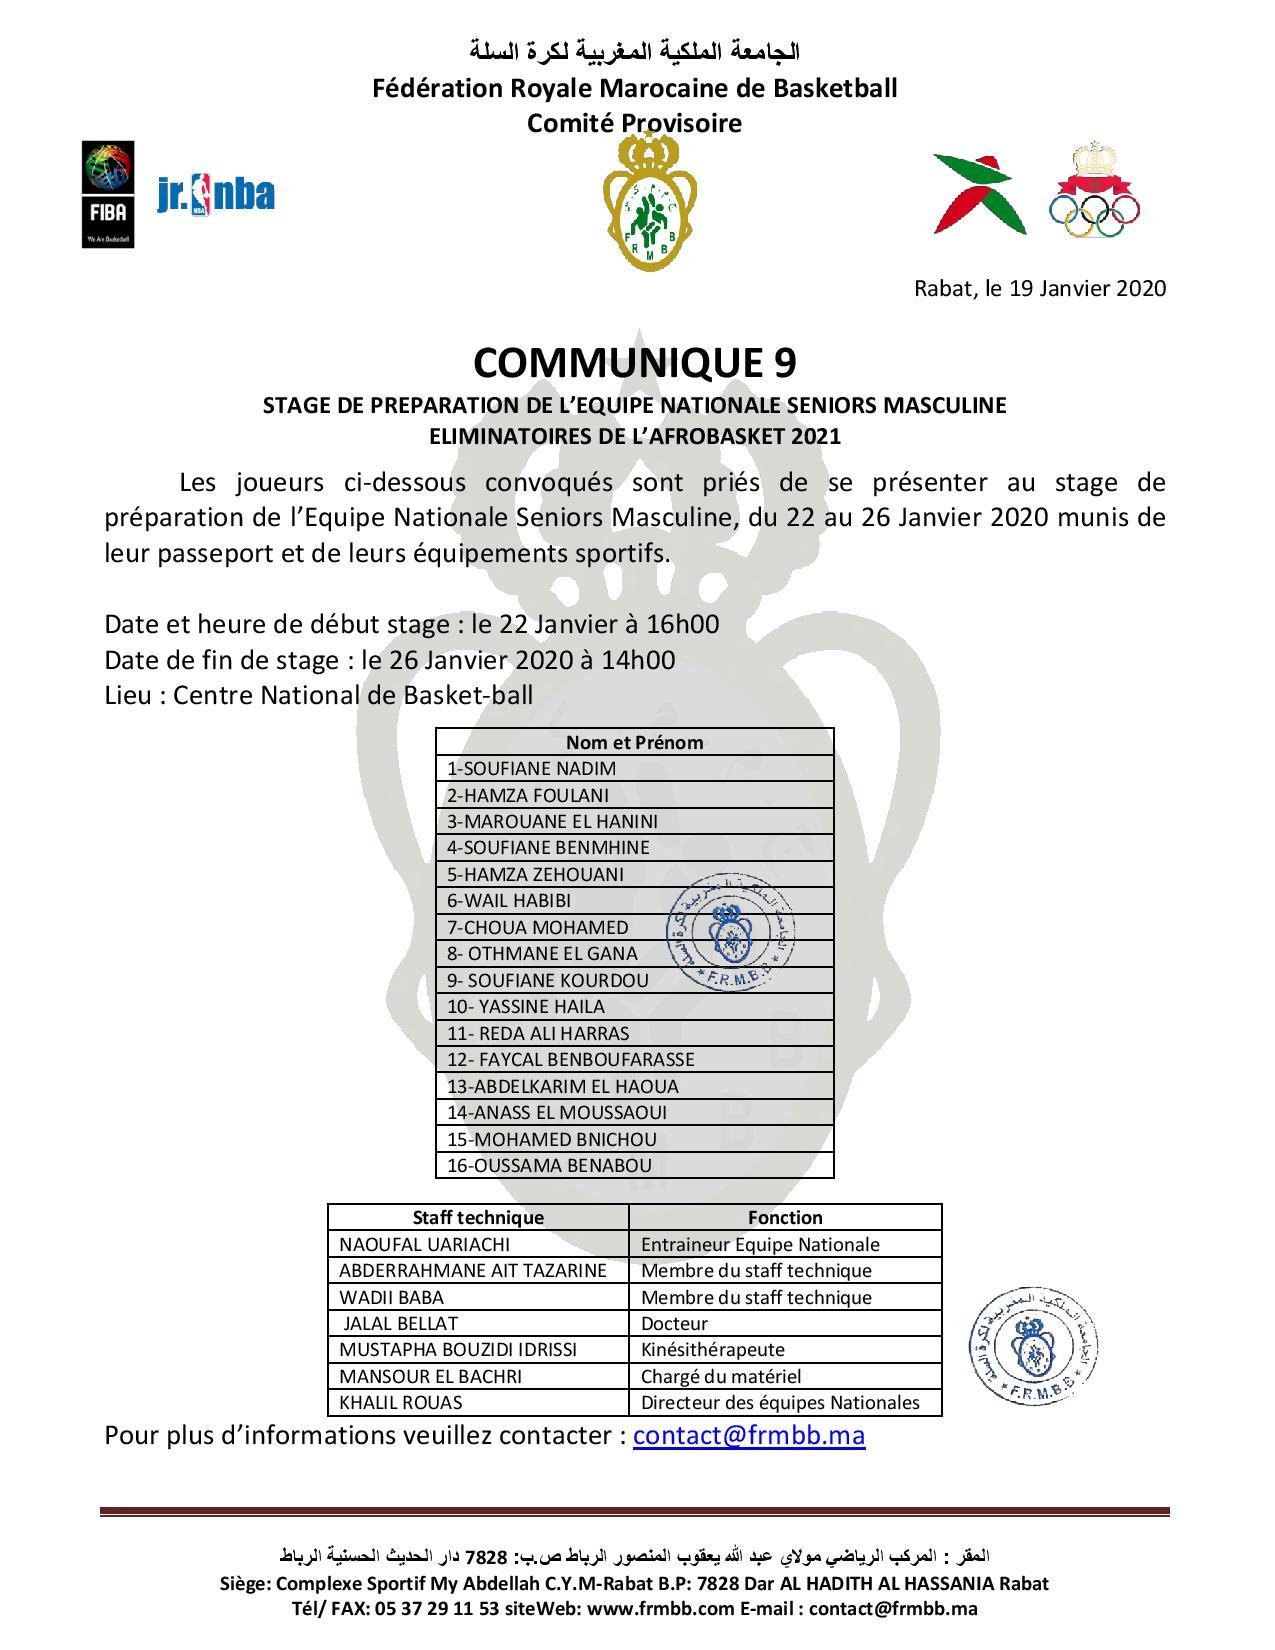 COMMUNIQUE 9 (STAGE DE PREPARATION DE L'ENSM) éliminatoires Afrobasket-2021)